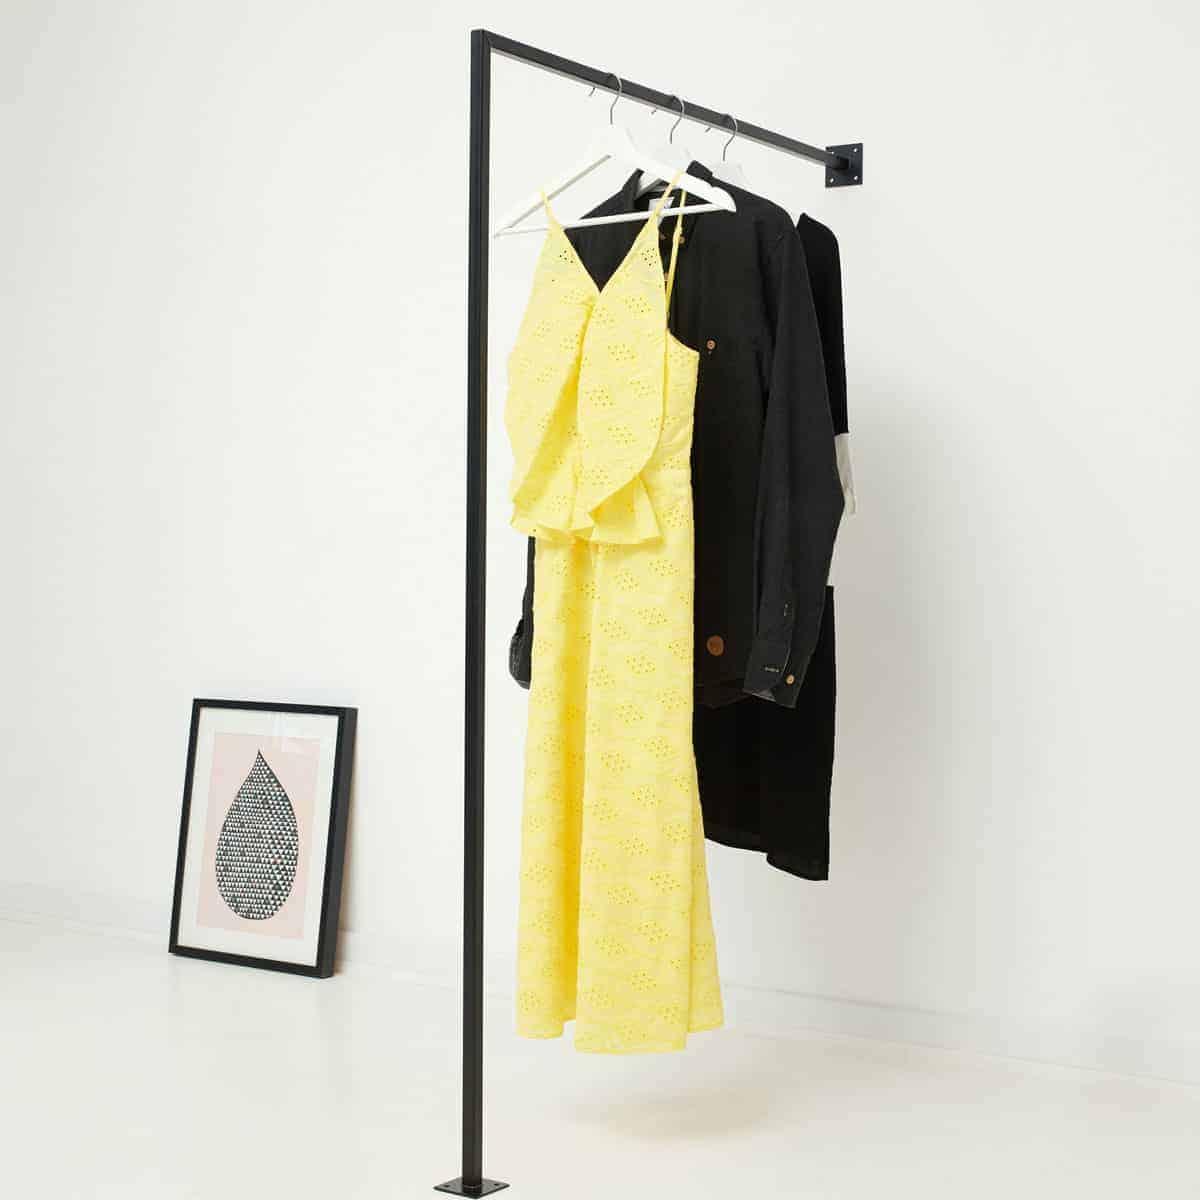 Relativ Kleiderstange Industrial Design geschweisst & pulverbeschichtet kaufen HQ14